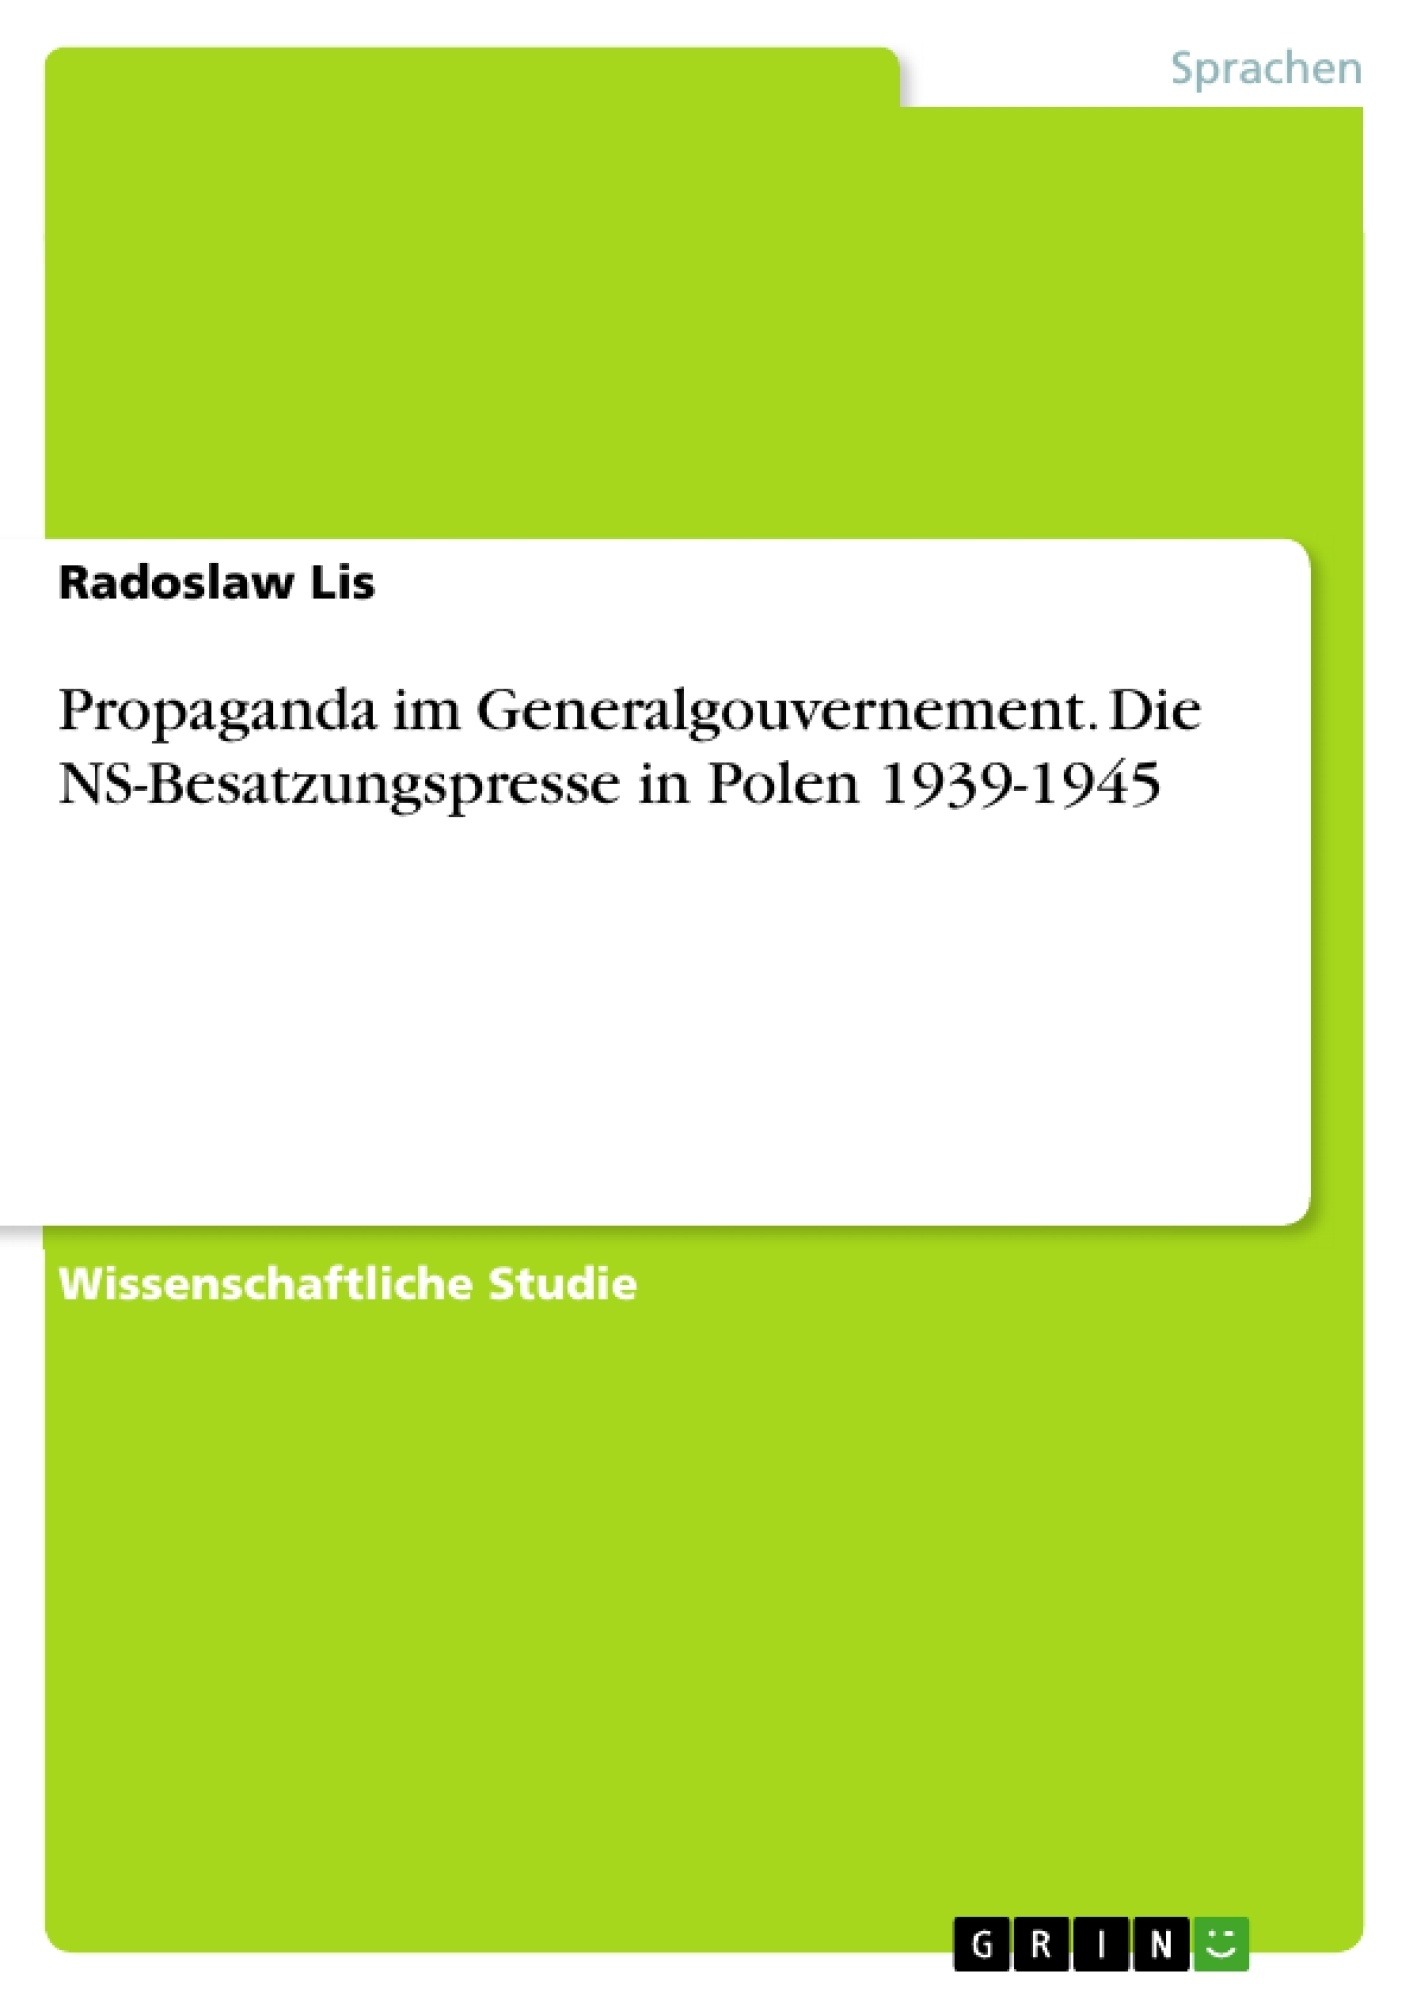 Titel: Propaganda im Generalgouvernement. Die NS-Besatzungspresse in Polen 1939-1945